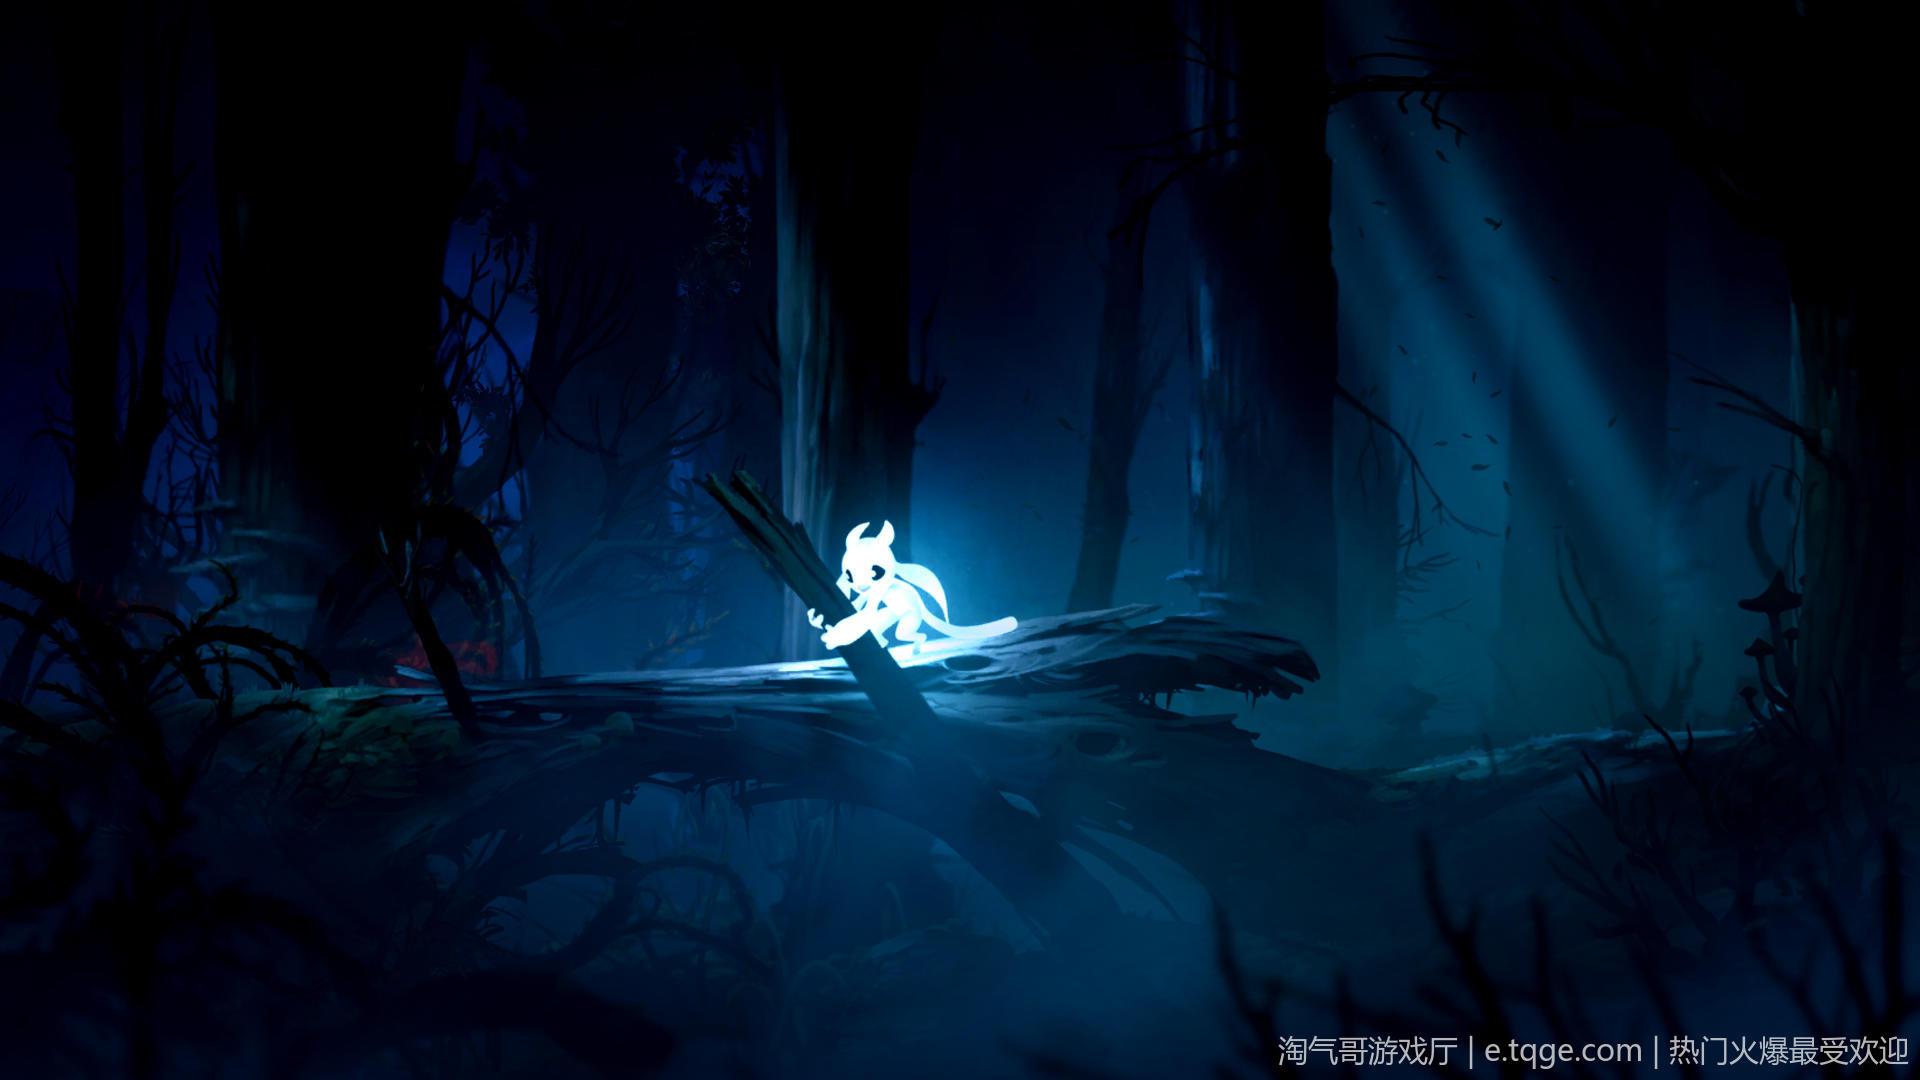 奥日与黑暗森林:终极版/精灵与黑暗森林 动作冒险 第8张